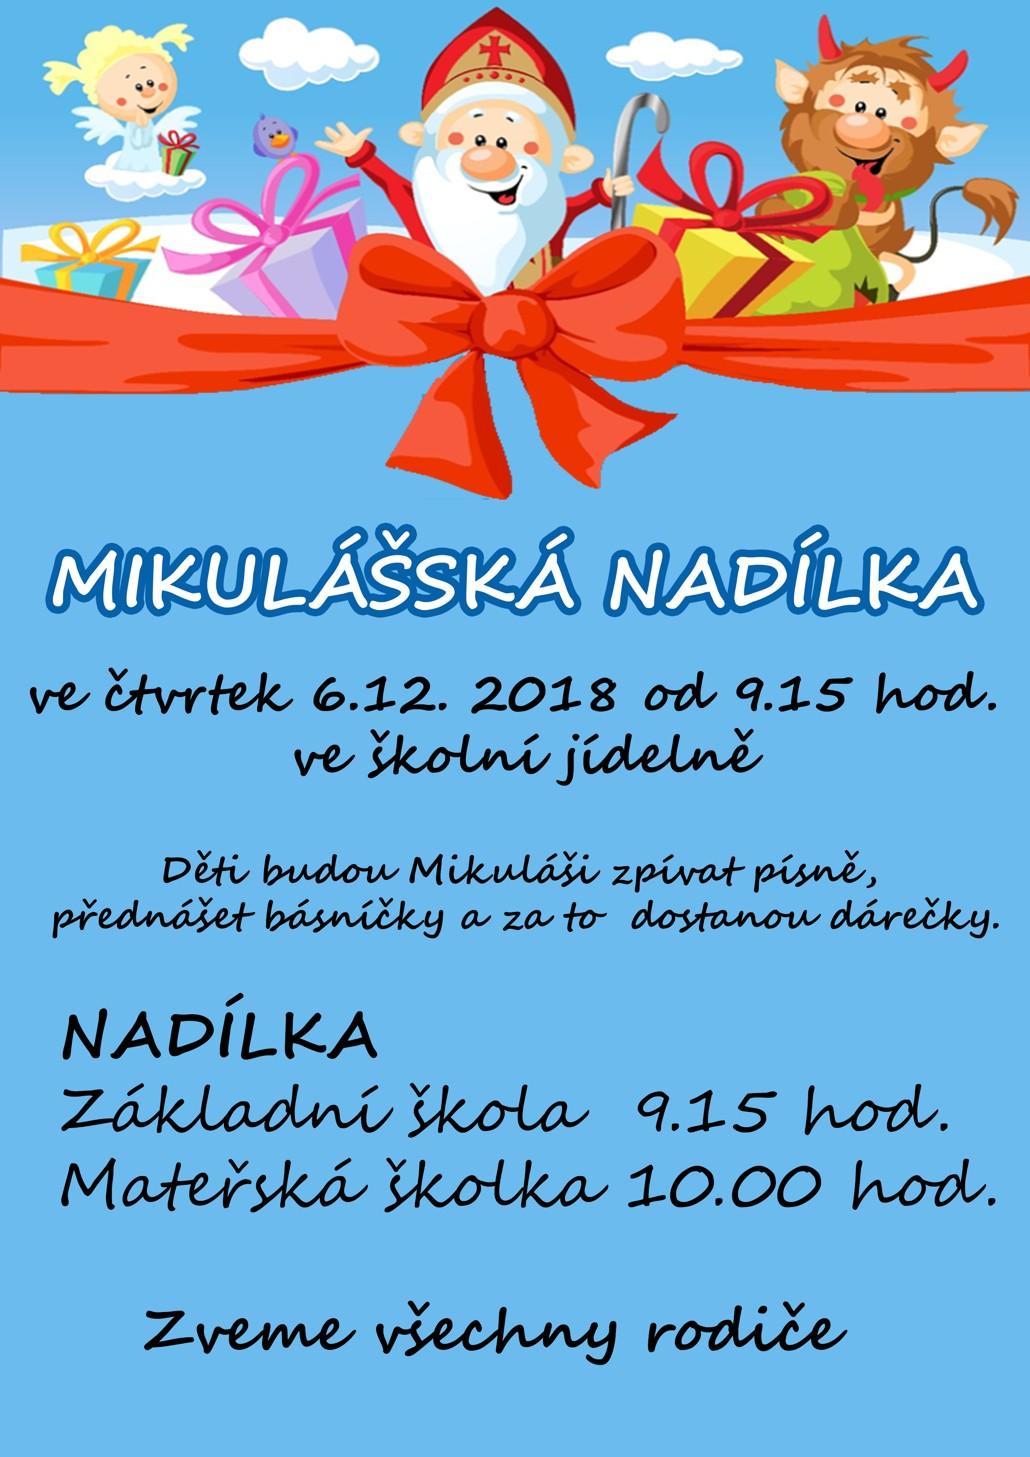 mikulas18